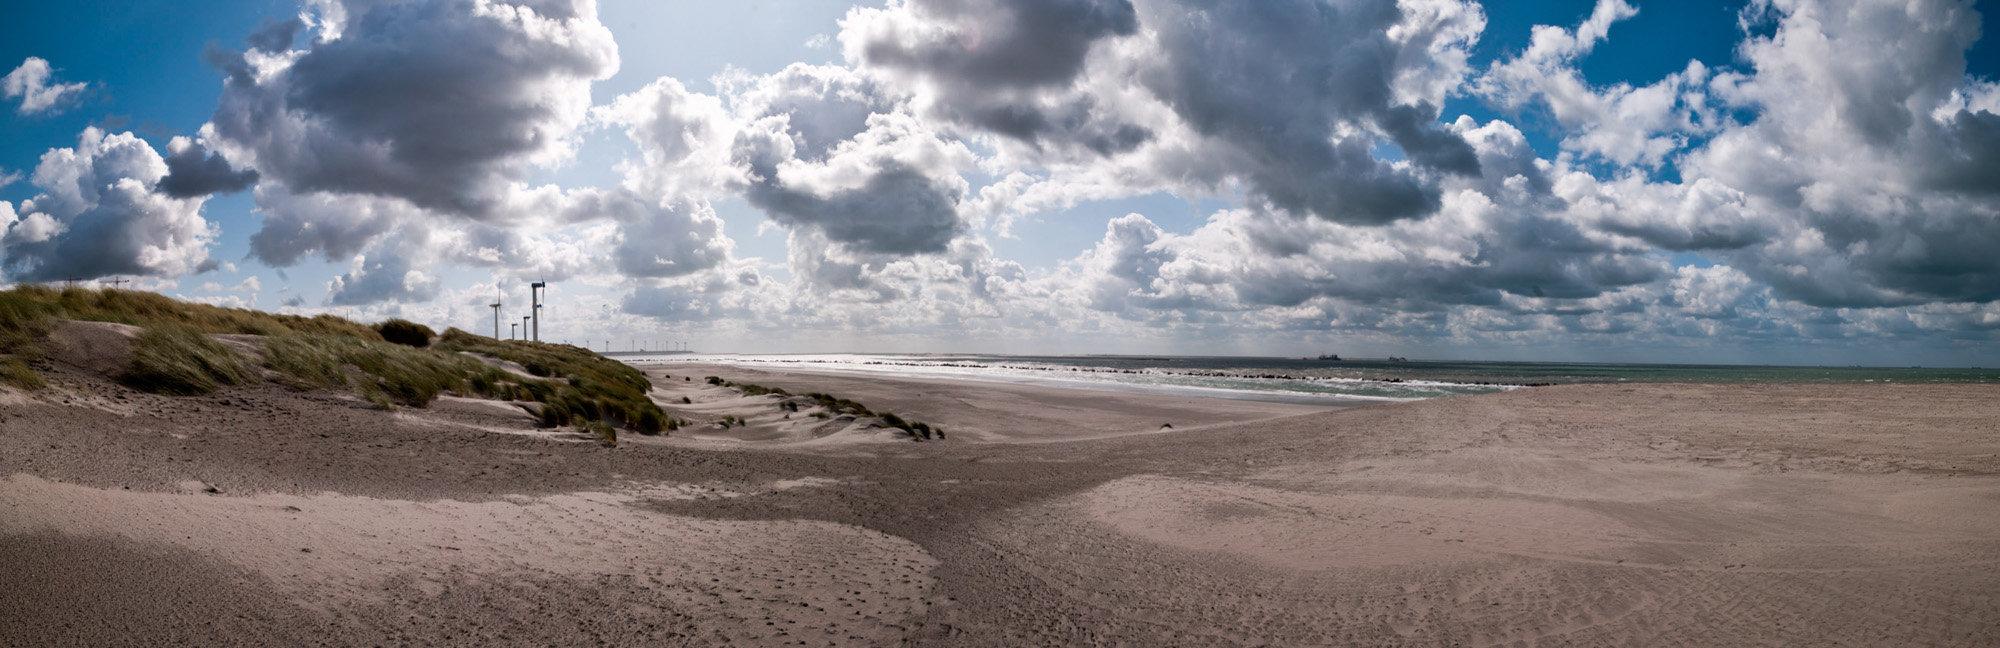 Maasvlakte-004.jpg